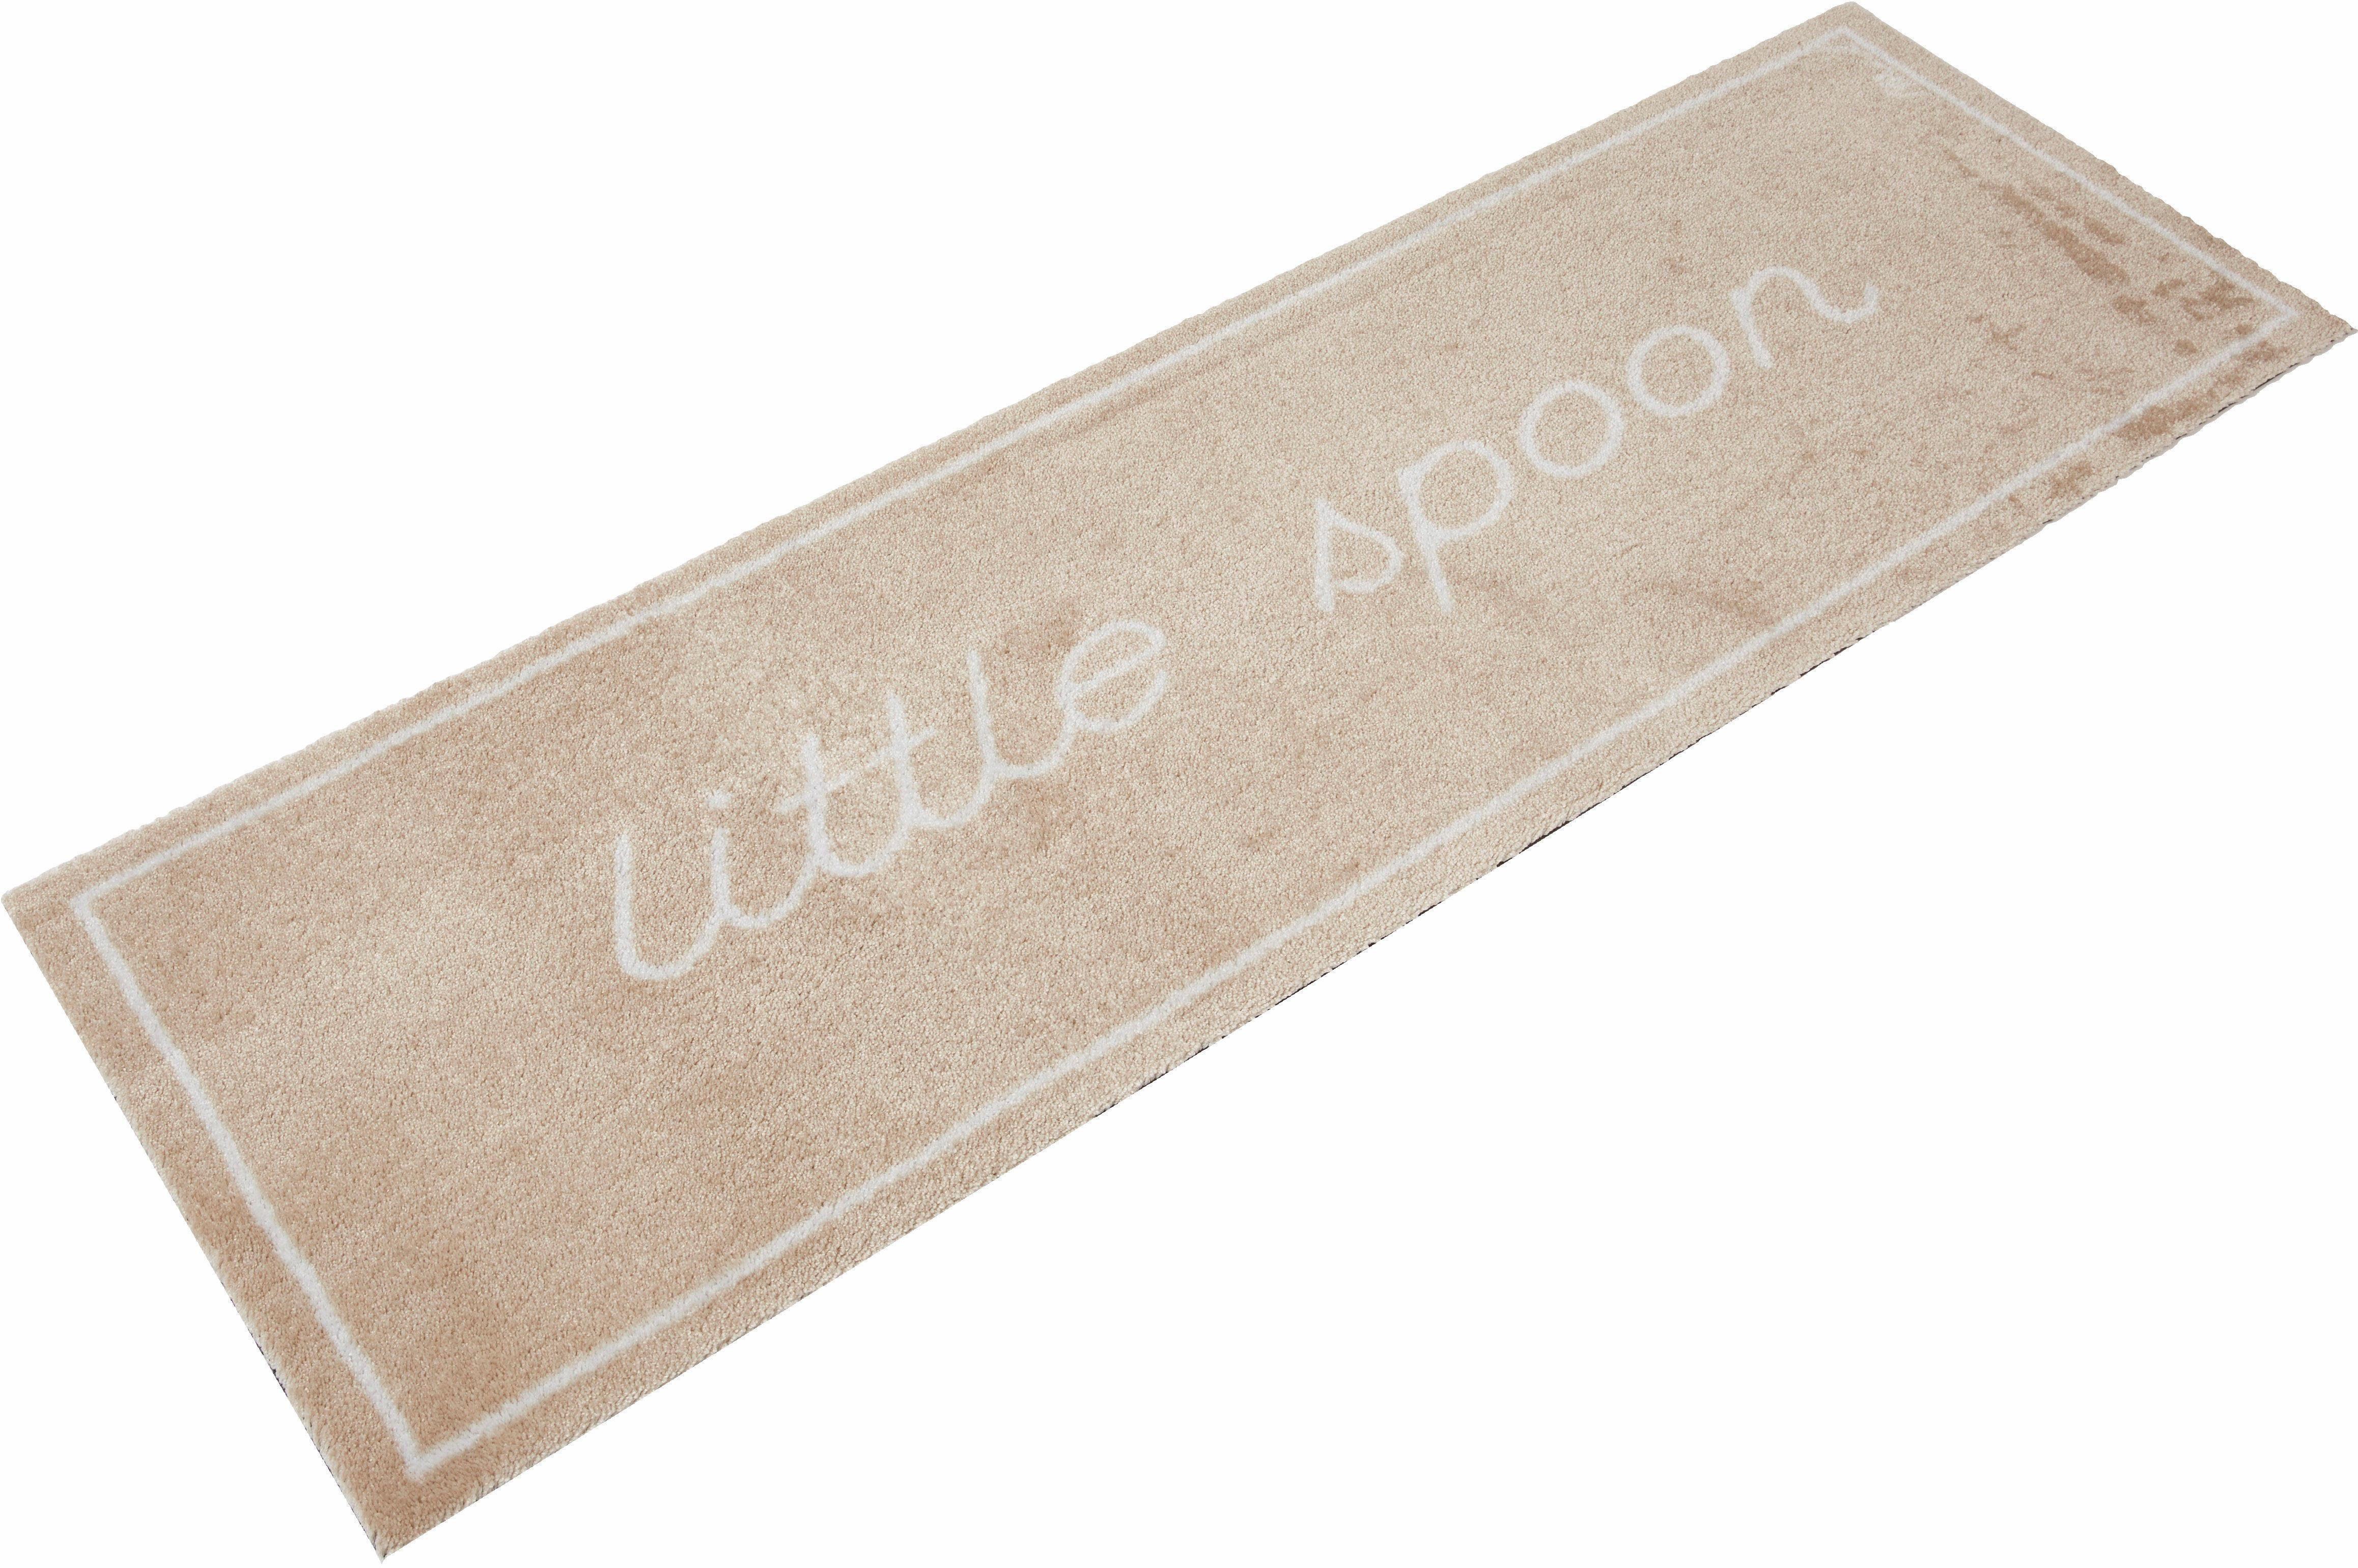 Teppich »Colette«, Mad about Mats, rechteckig, Höhe 9 mm, waschbar